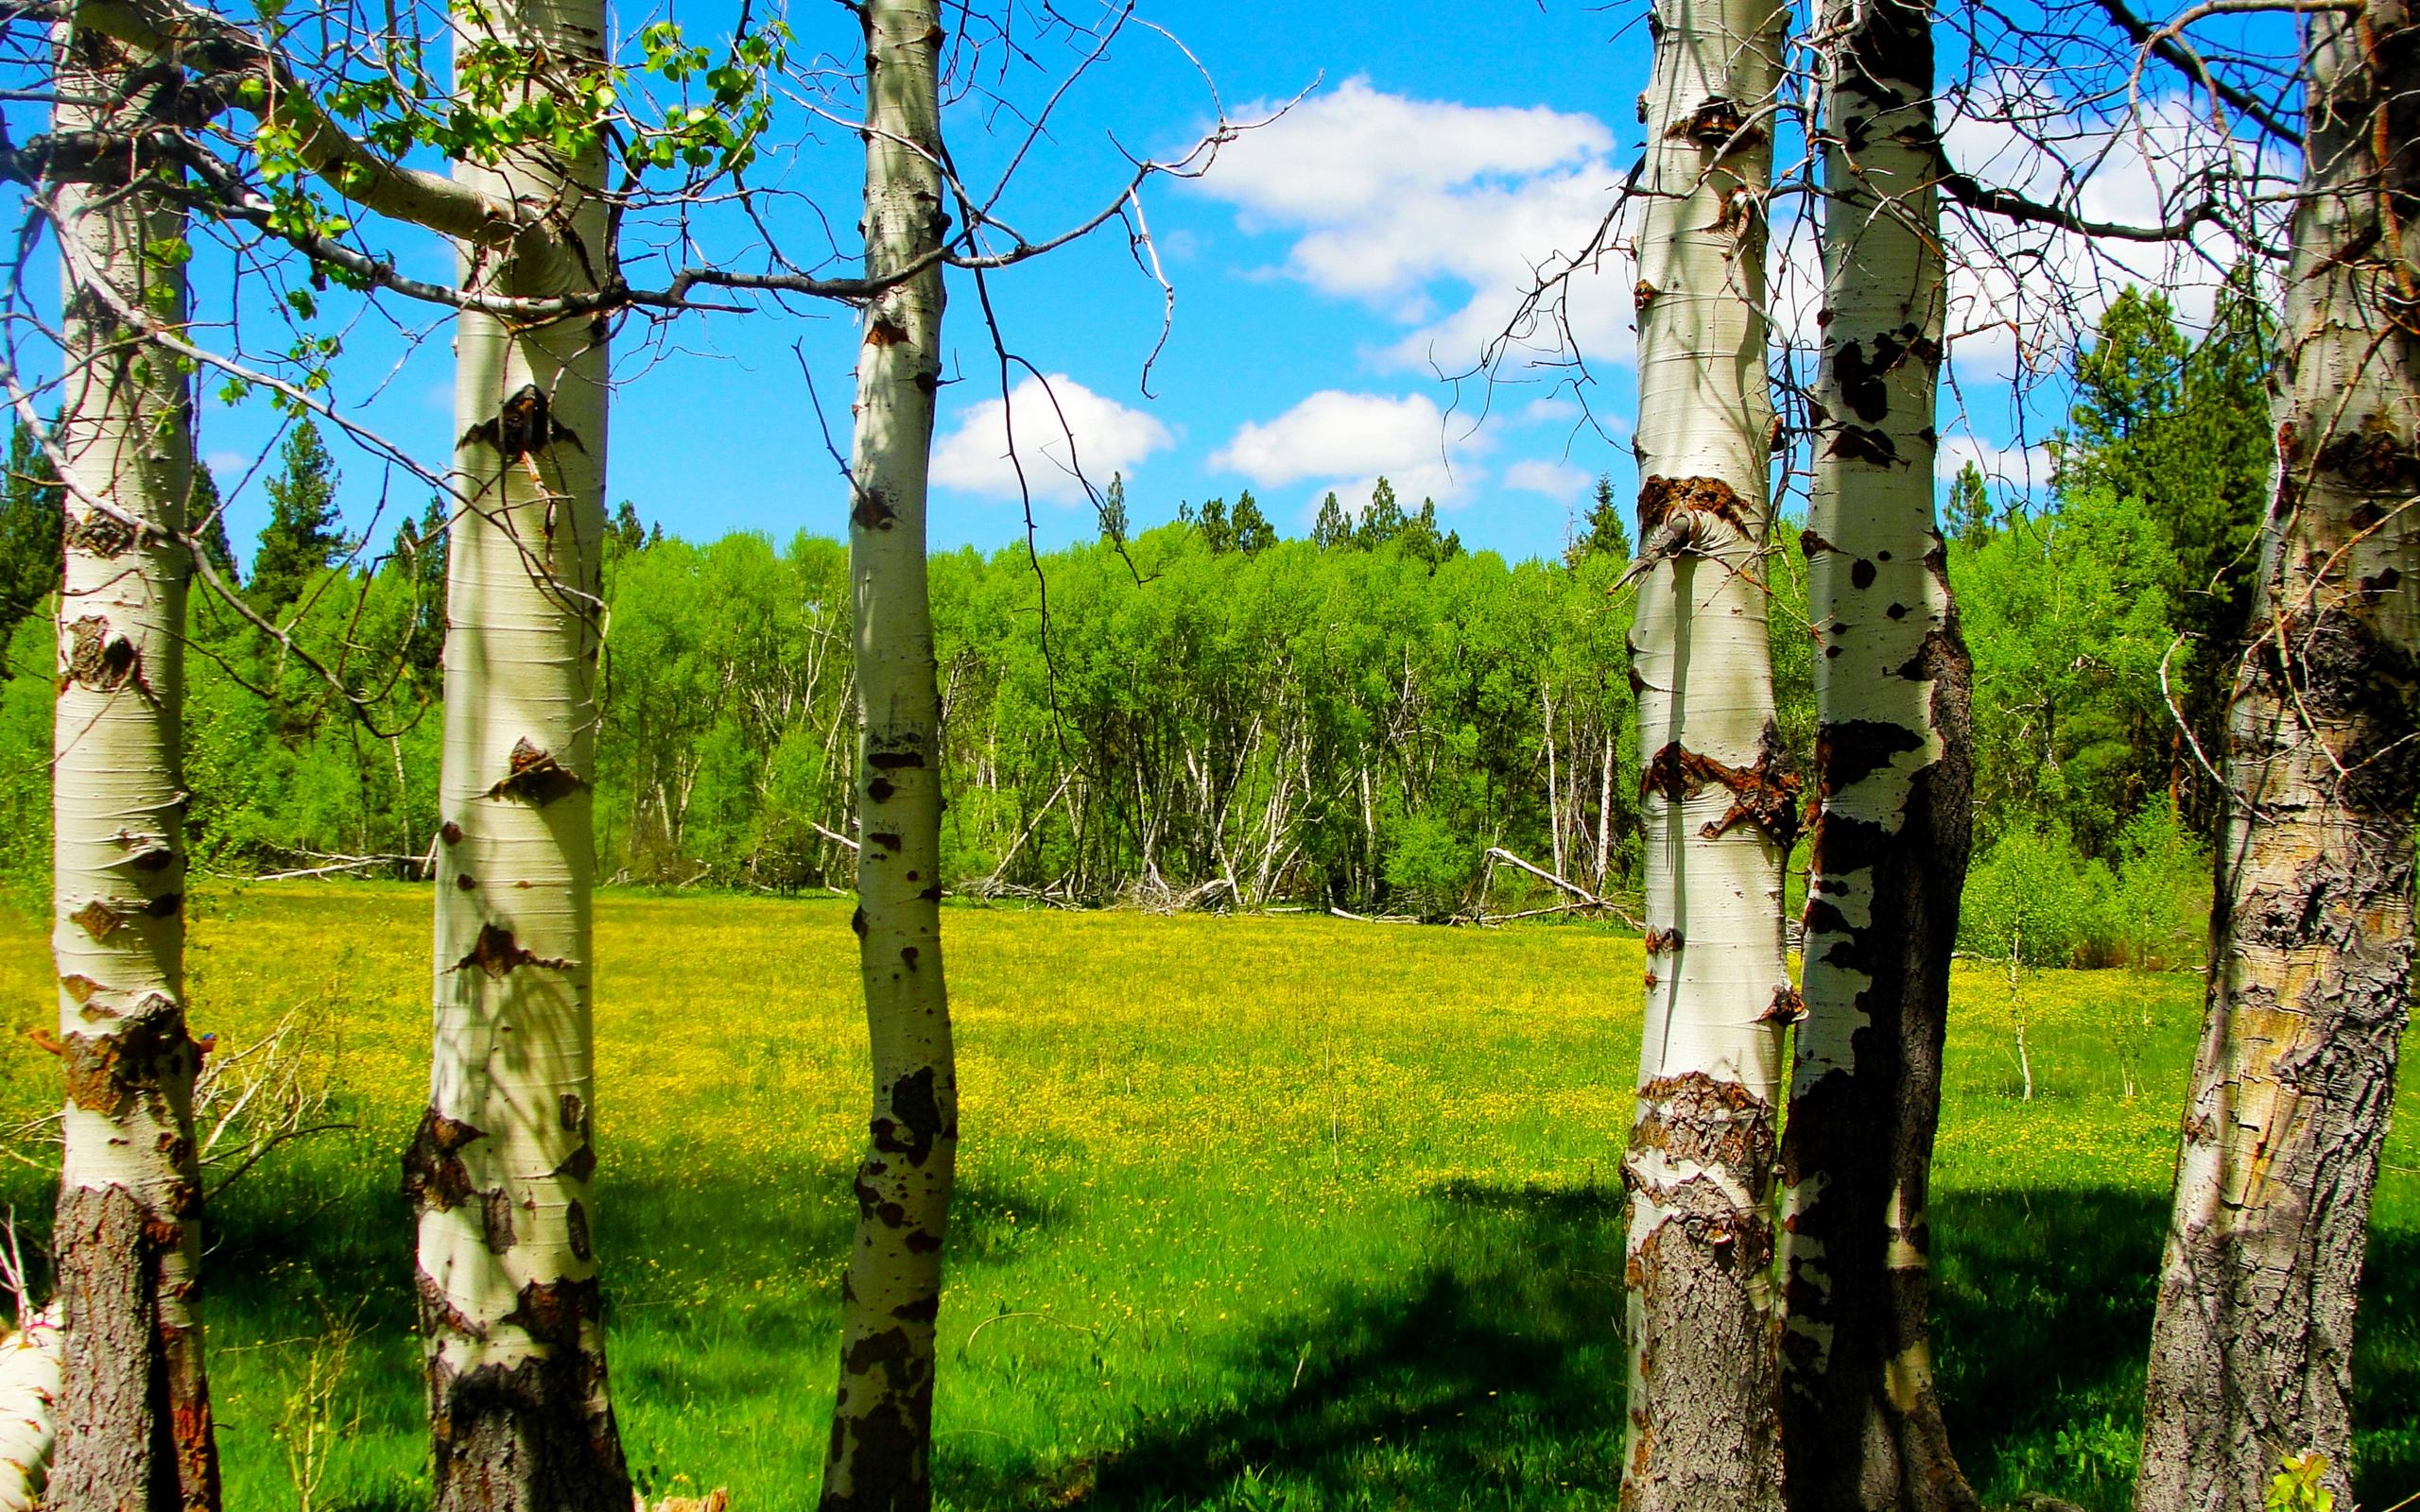 деревья, березы, поляна